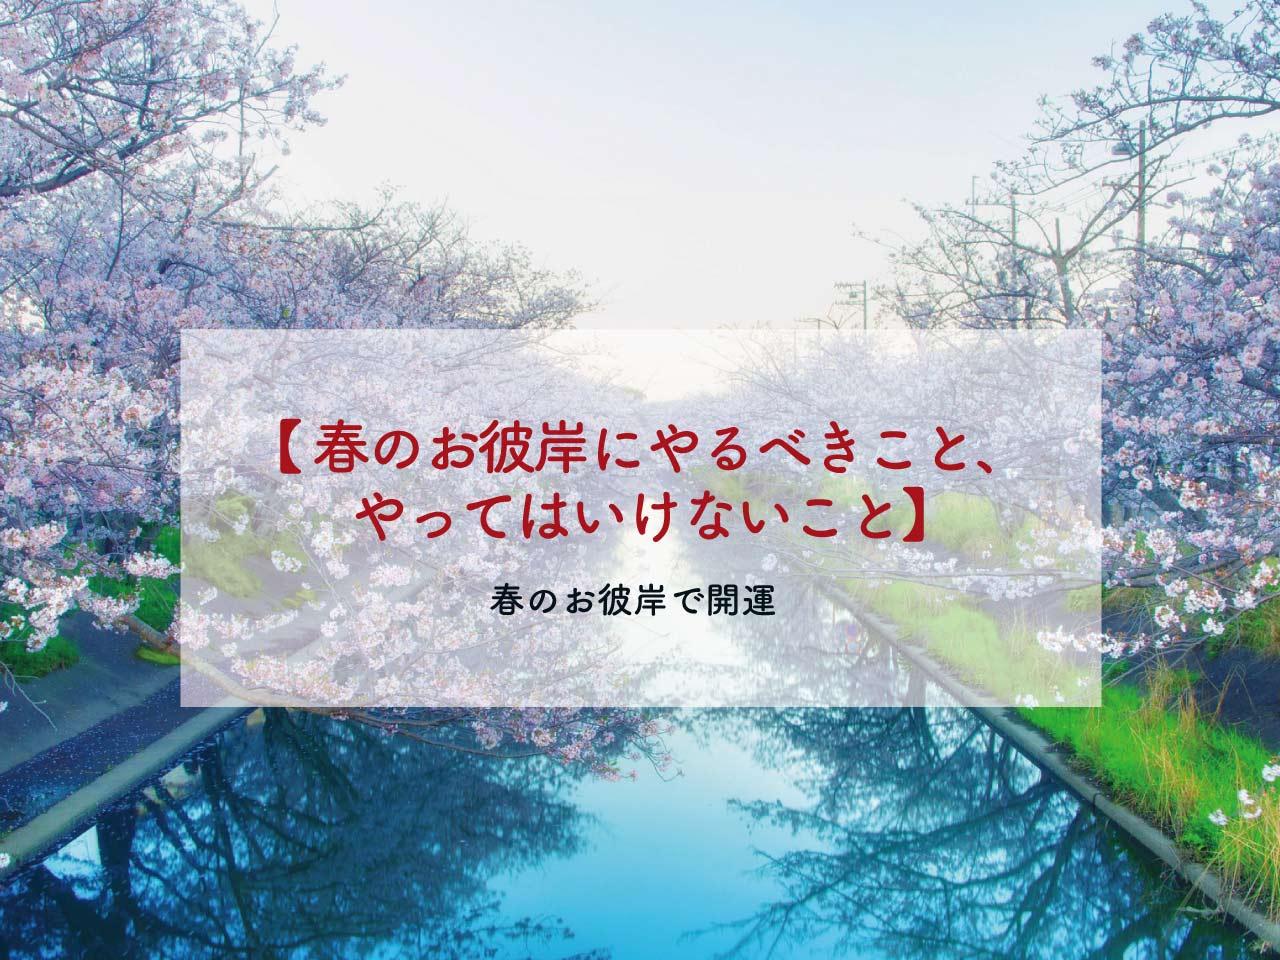 【春のお彼岸で開運】春のお彼岸にやるべきこと、やってはいけないこと【春分の日とスピリチュアル】